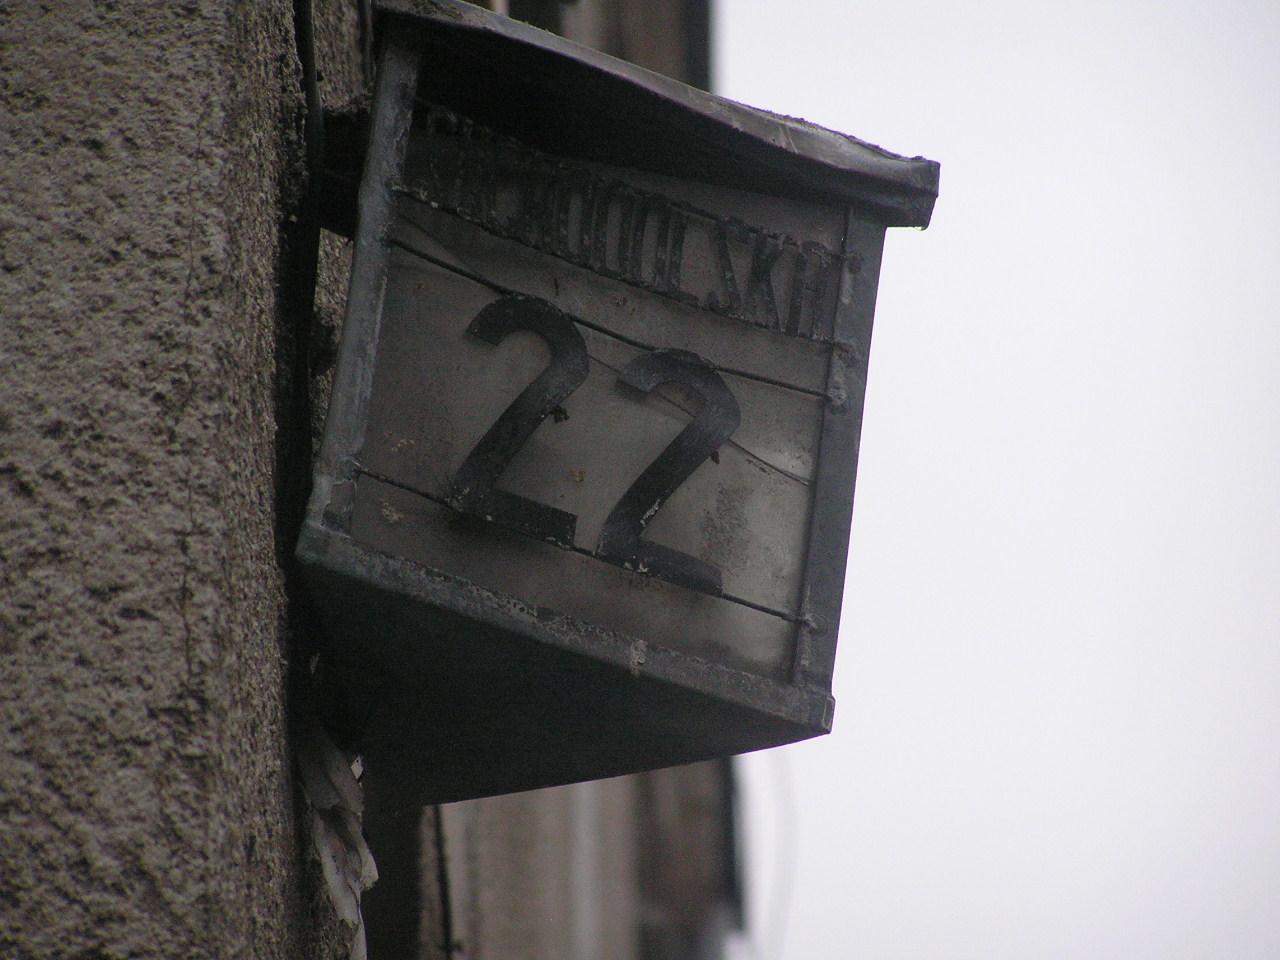 Latarenka adresowa - Suchodolska 22